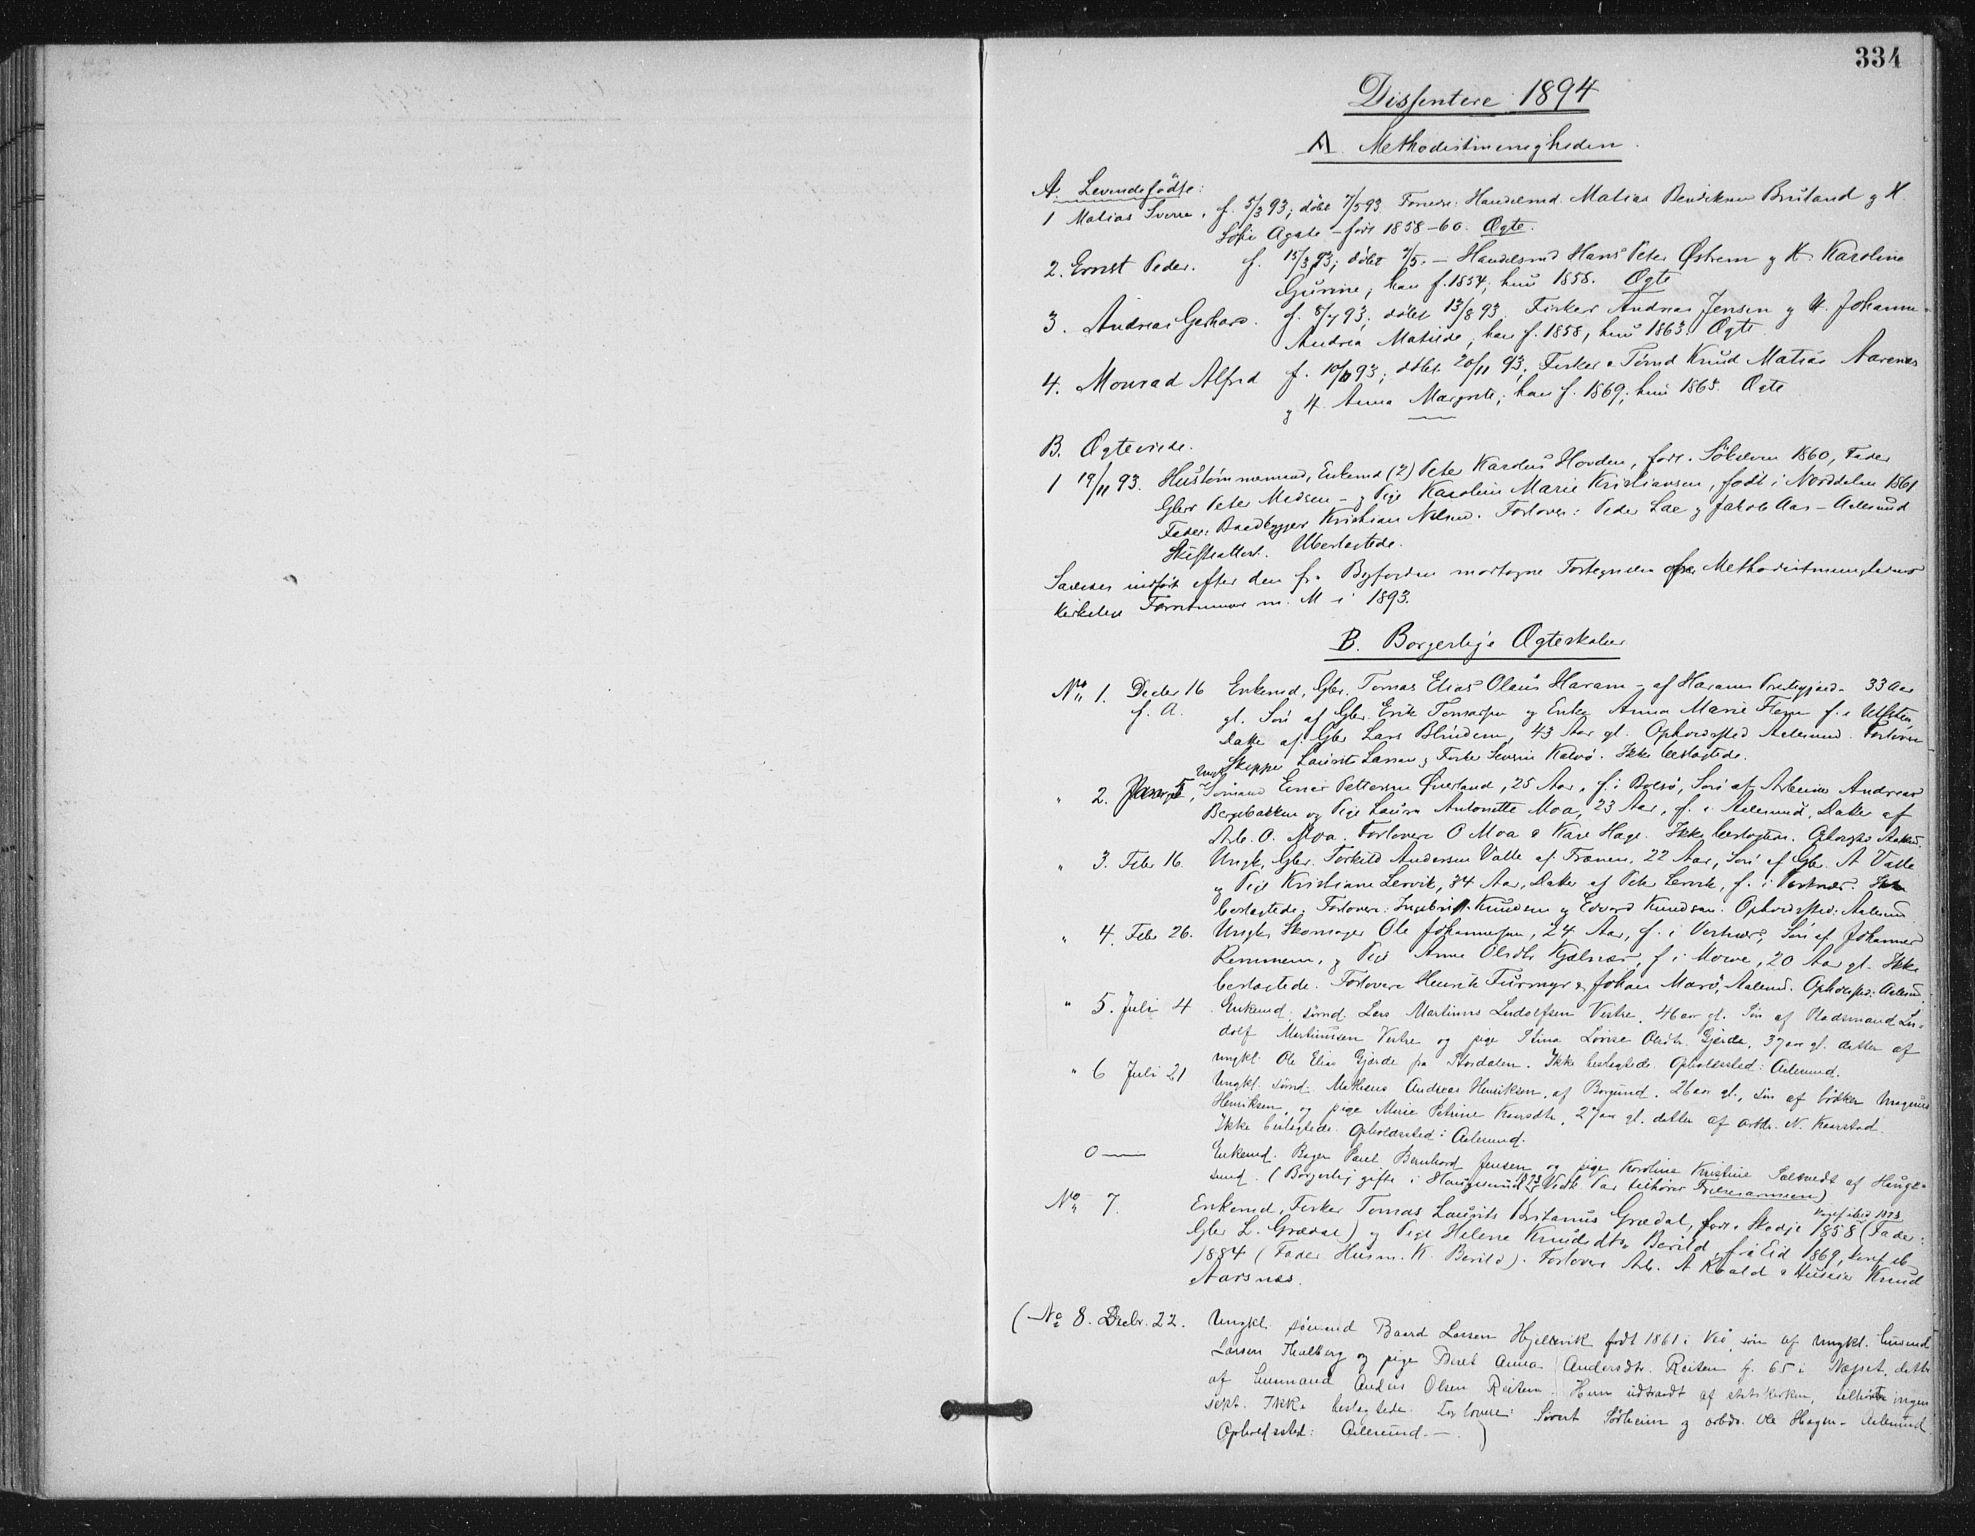 SAT, Ministerialprotokoller, klokkerbøker og fødselsregistre - Møre og Romsdal, 529/L0457: Ministerialbok nr. 529A07, 1894-1903, s. 334